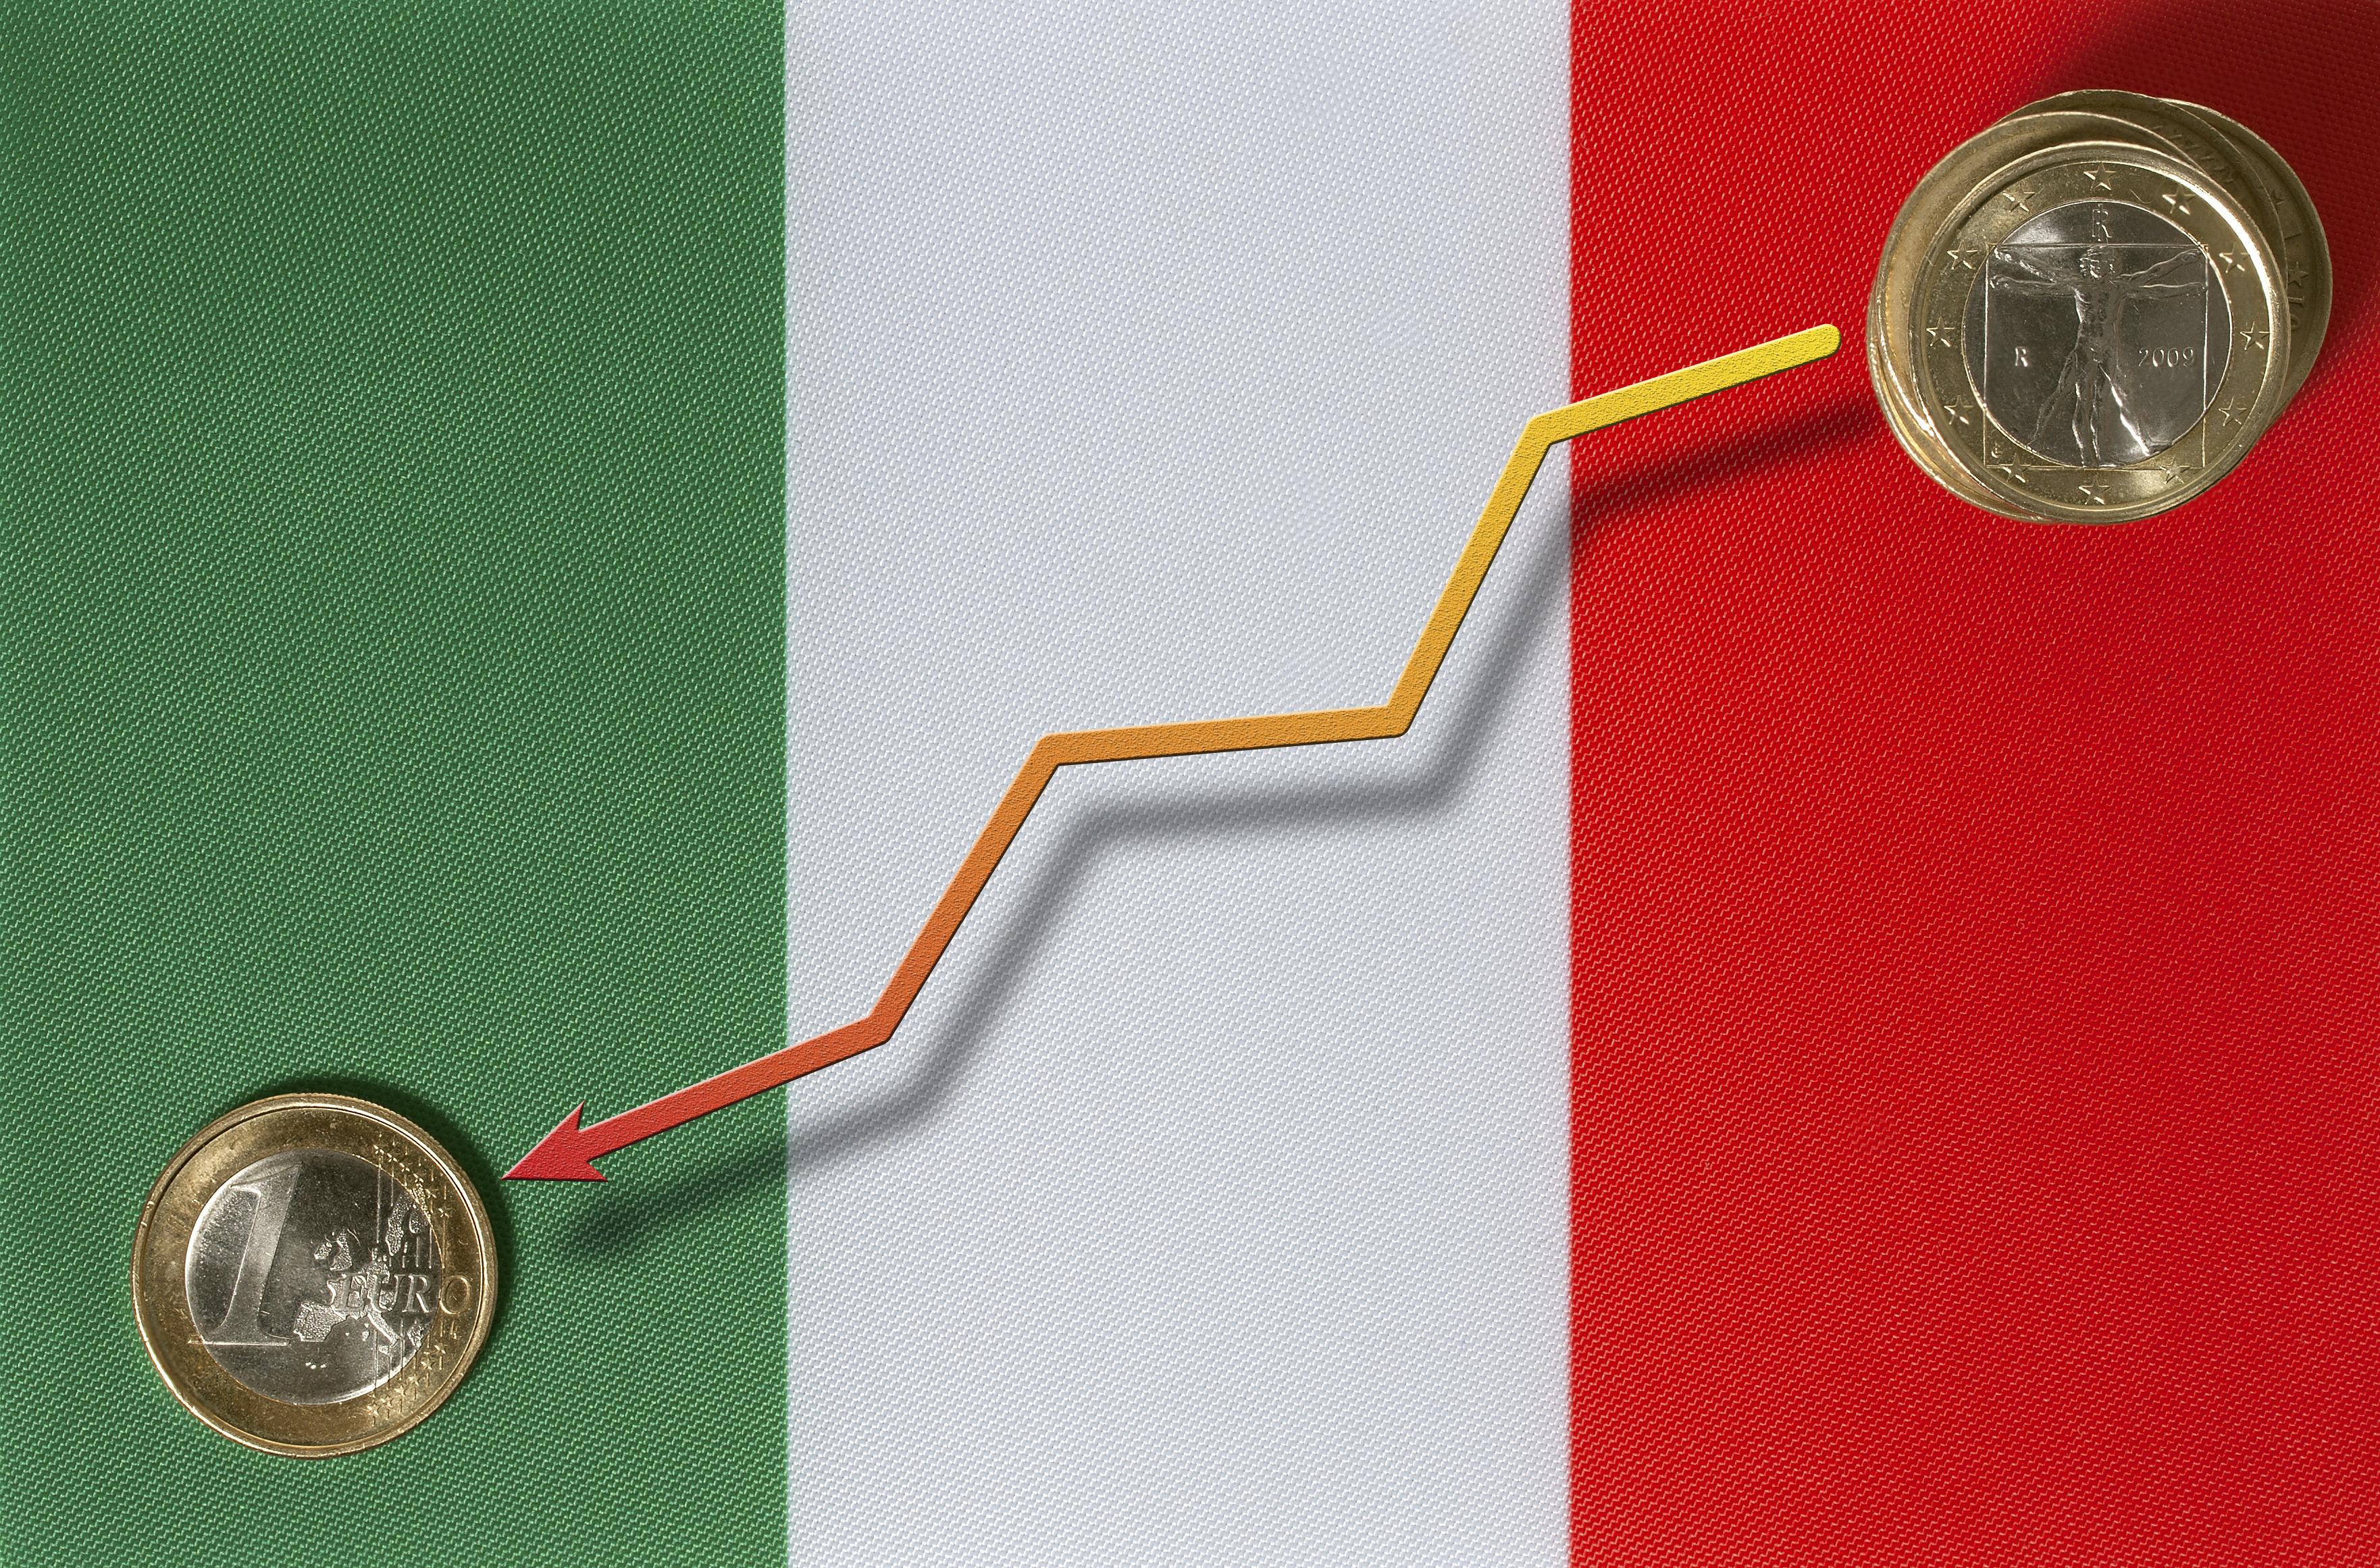 Italija reže budžetski deficit za 3,4 milijardi evra